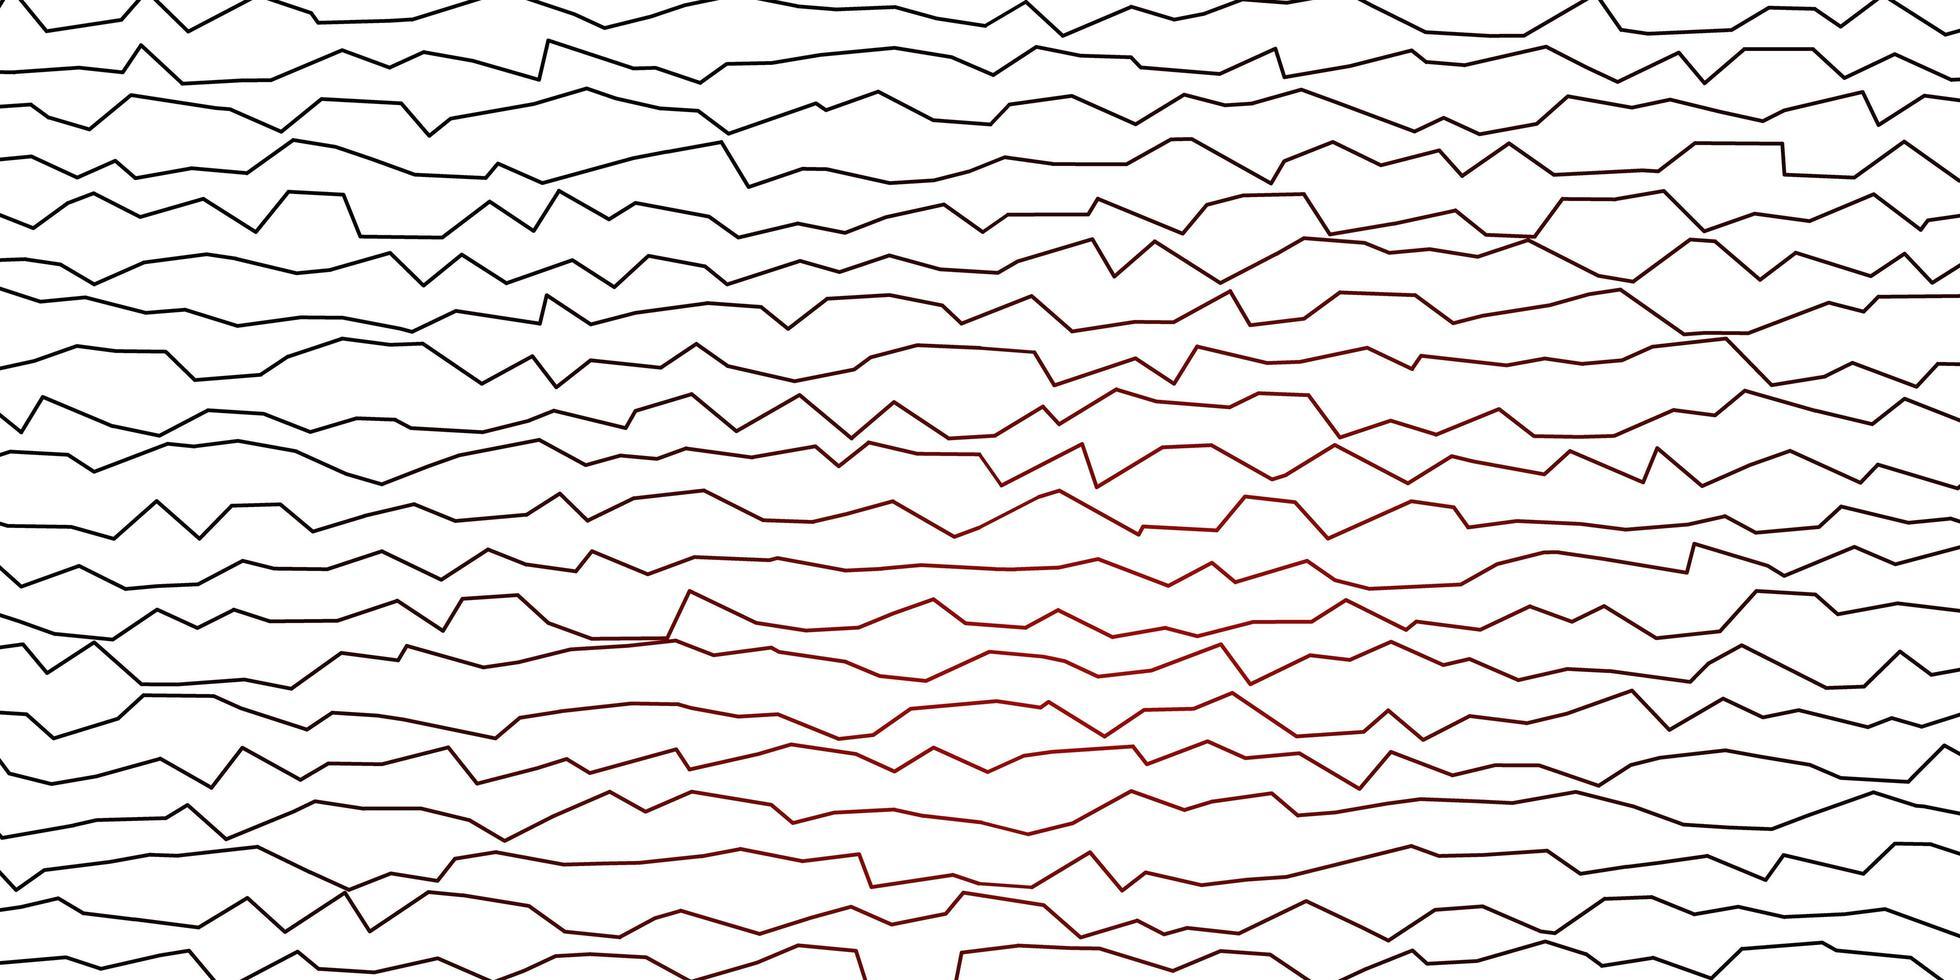 plantilla de vector rojo oscuro con curvas.